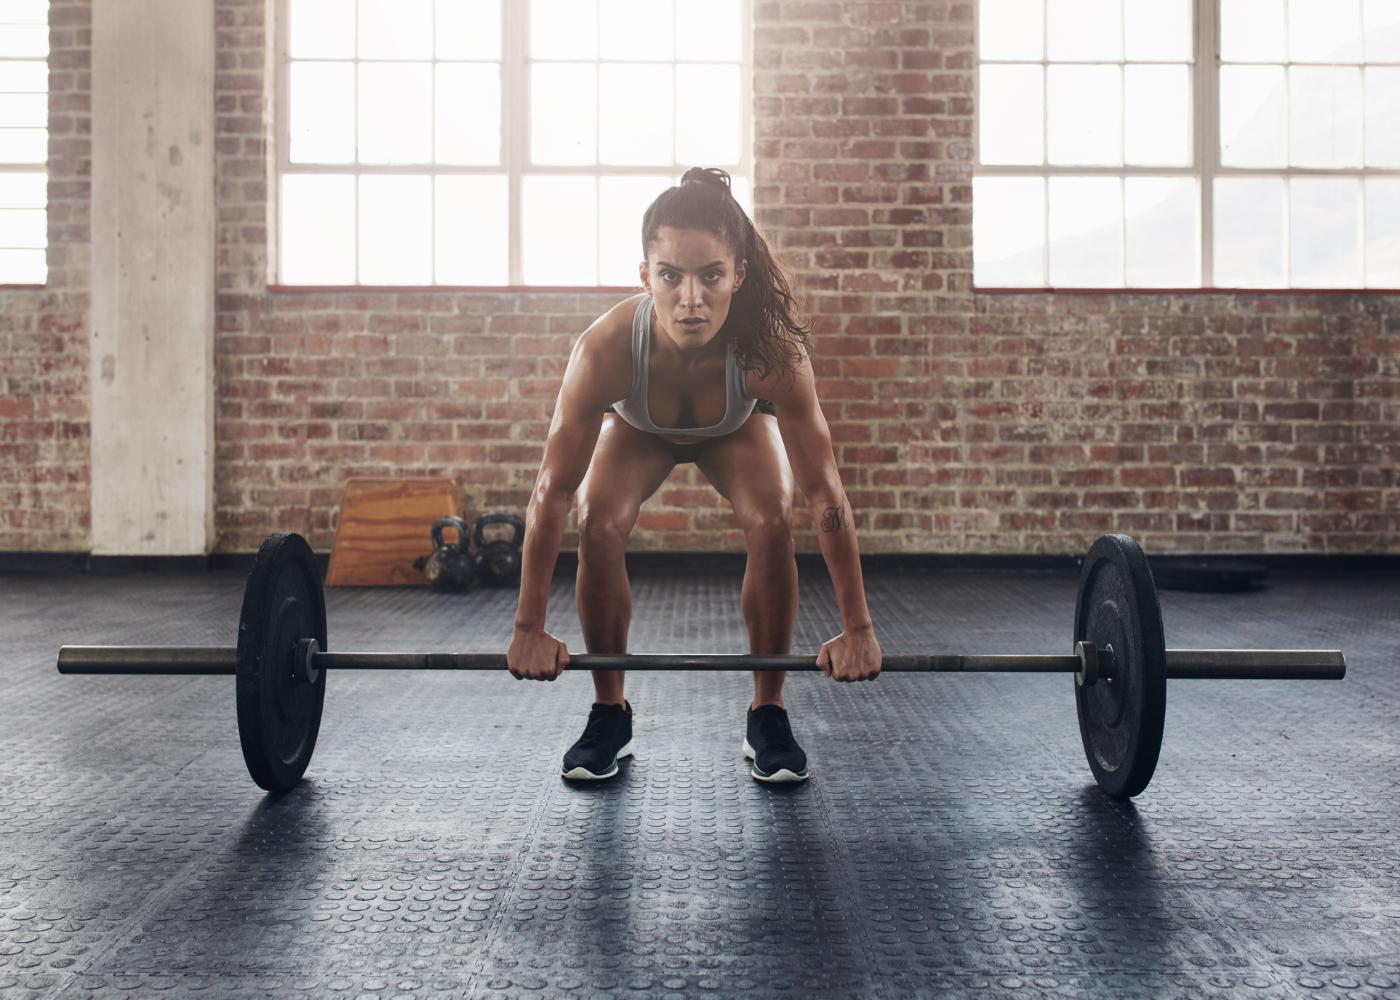 exercicios de musculacao com pesos